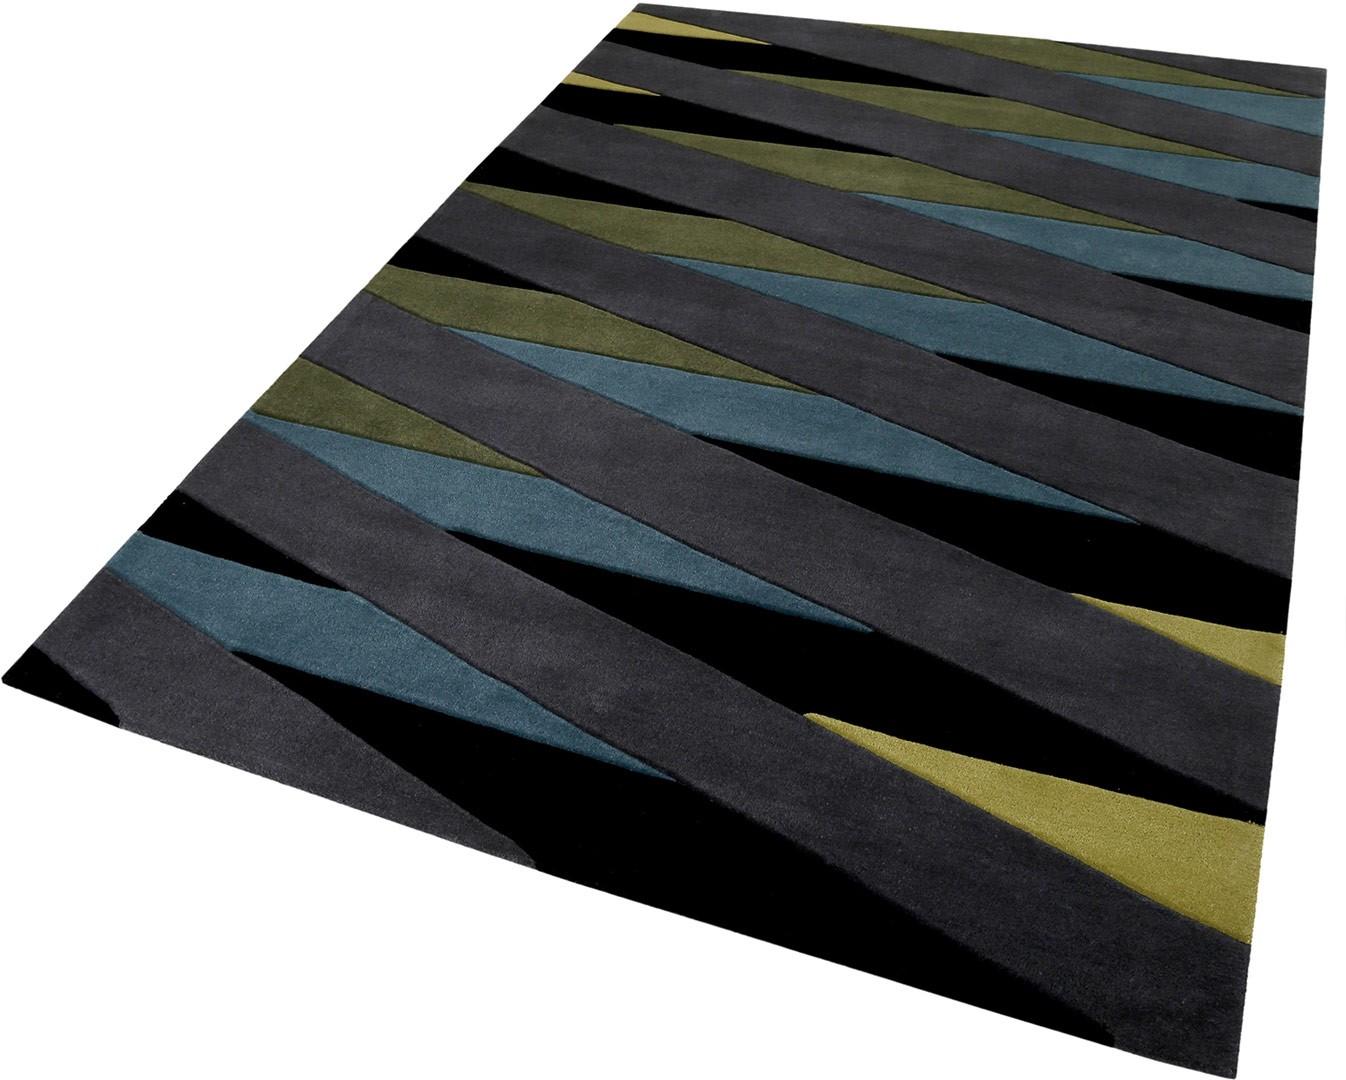 tapis g om trique taupe modrne lamella esprit home. Black Bedroom Furniture Sets. Home Design Ideas